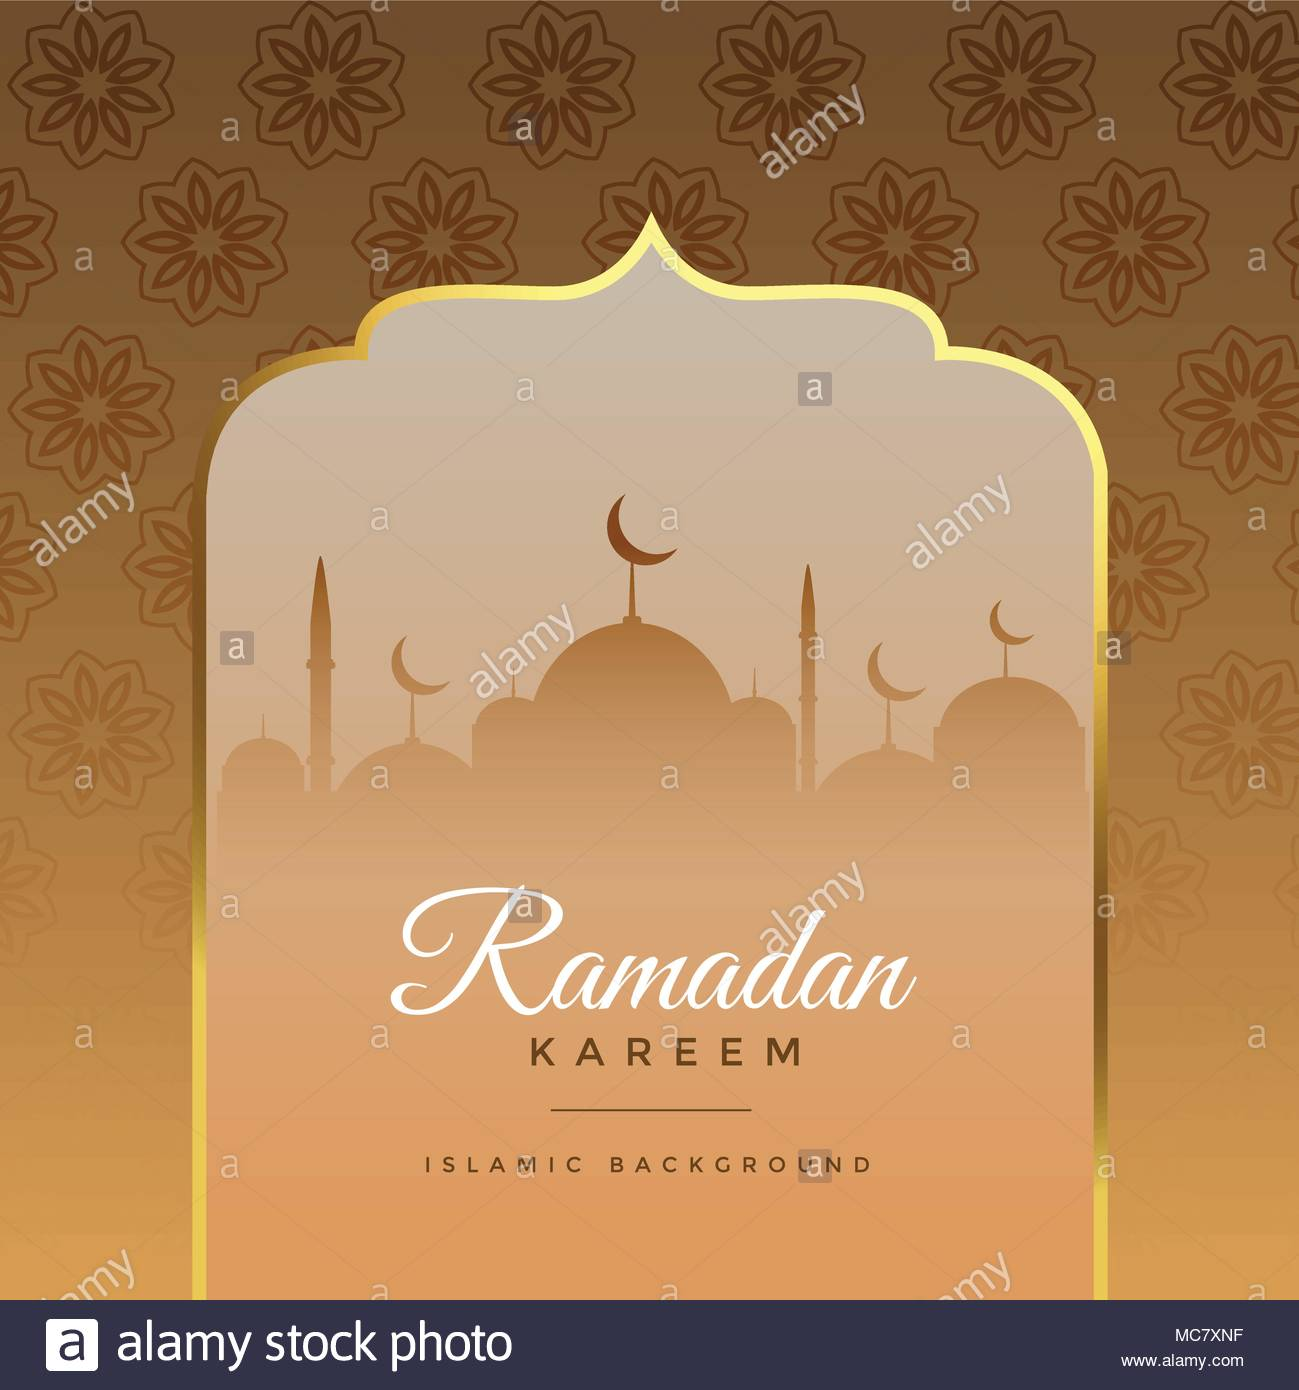 Beautiful ramadan kareem islamic greeting background stock vector beautiful ramadan kareem islamic greeting background m4hsunfo